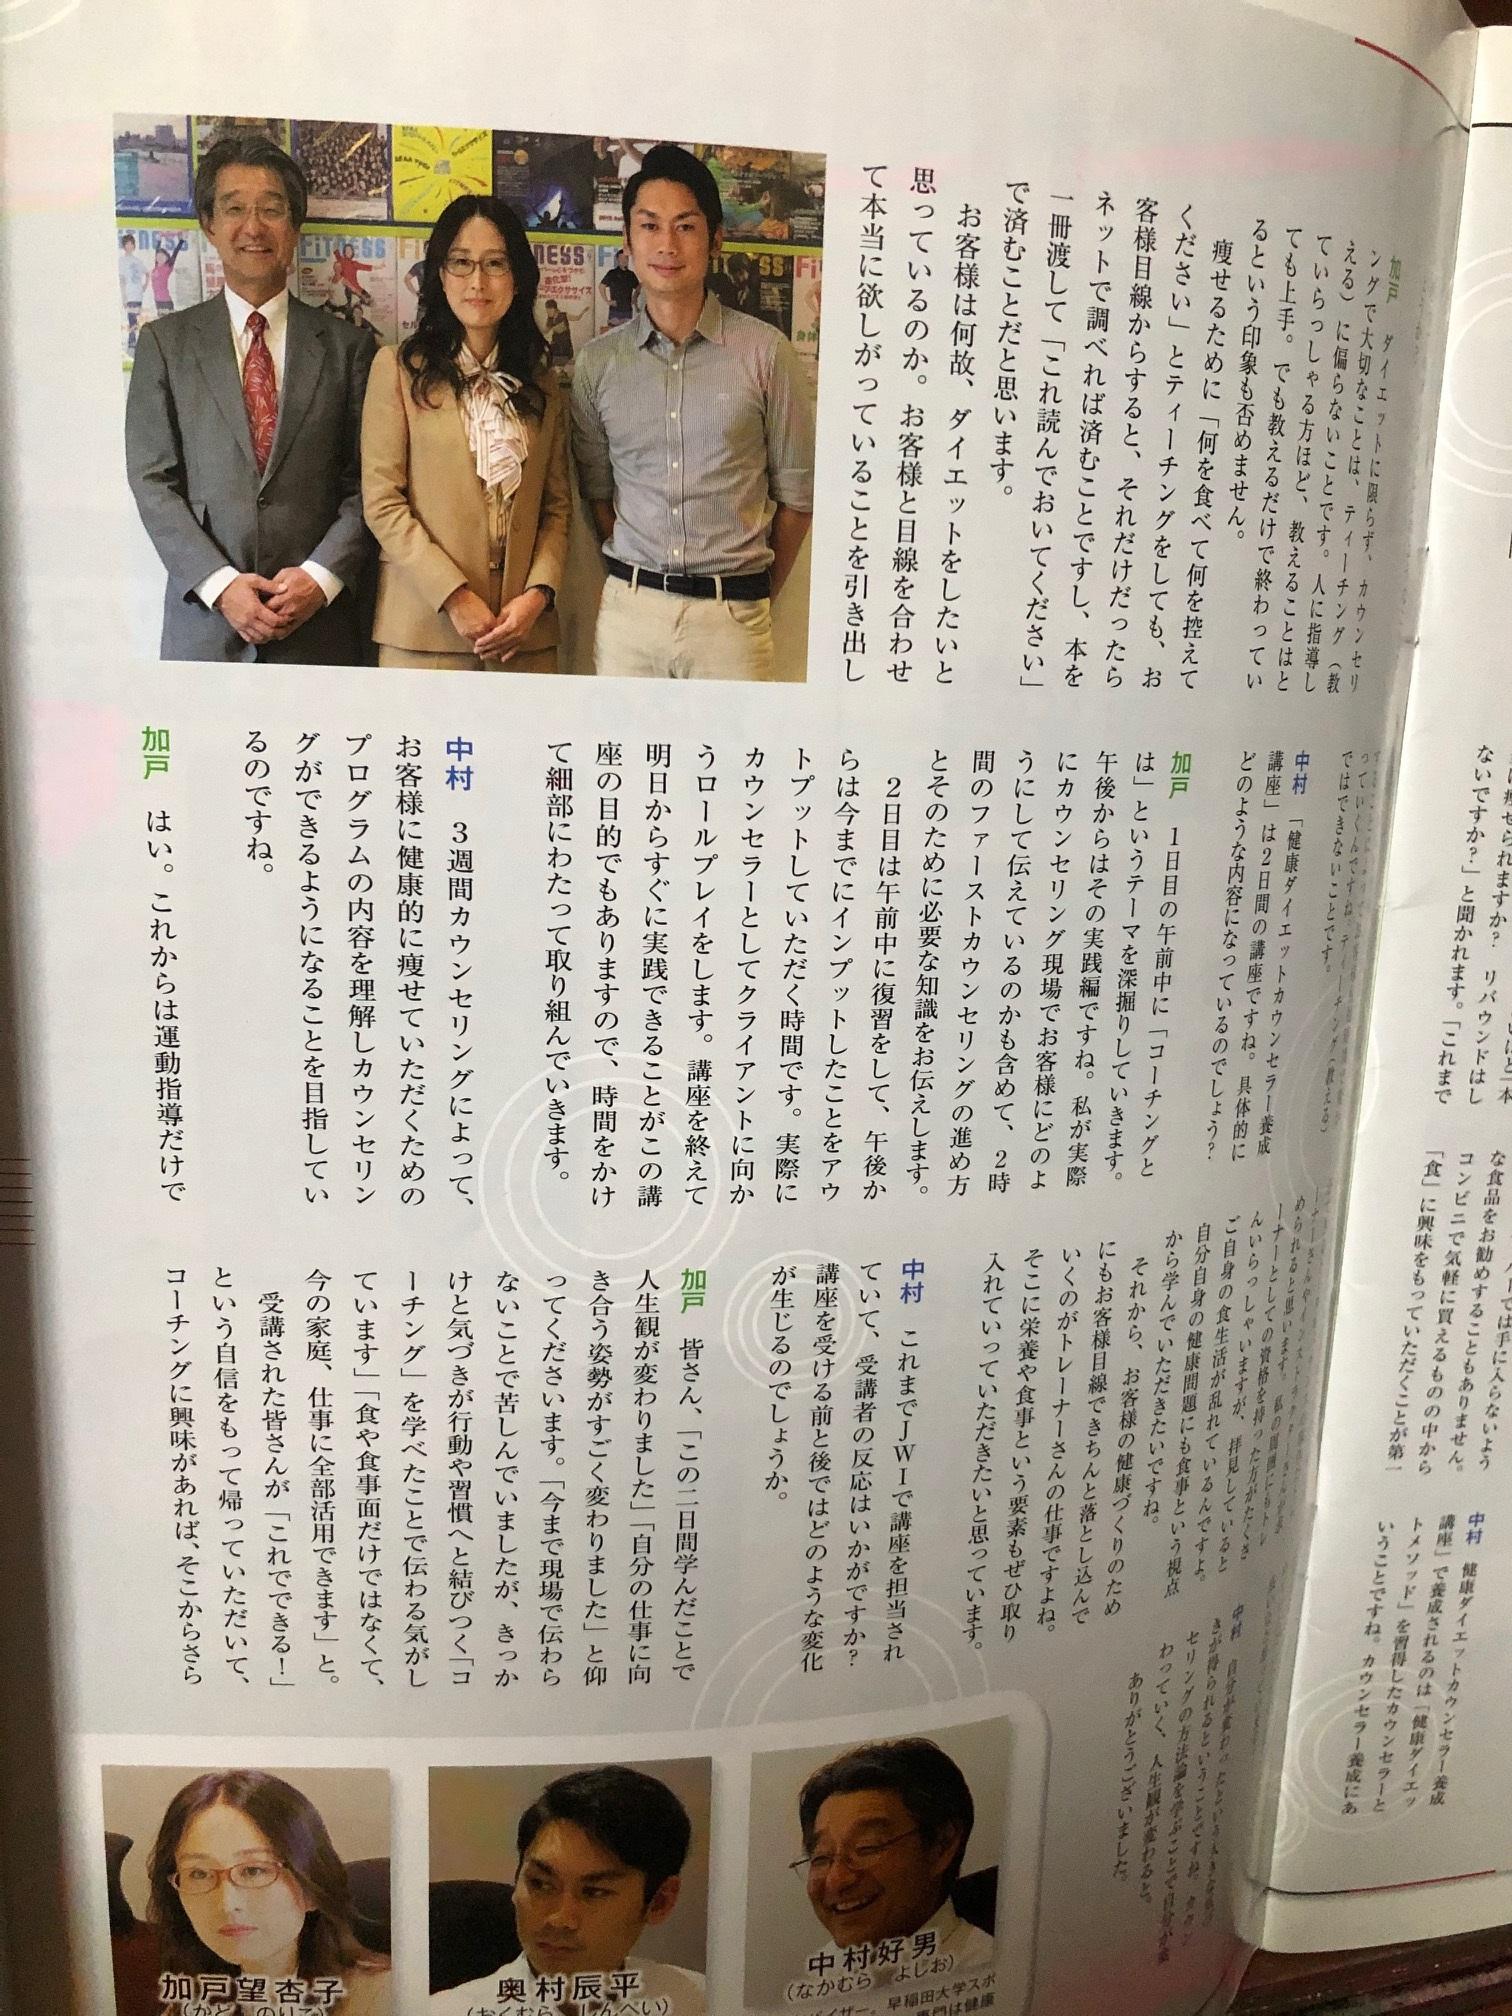 東京JWI様にてウェルネス部門のカテゴリーとして、健康ダイエットカウンセラーの養成をさせていただいています